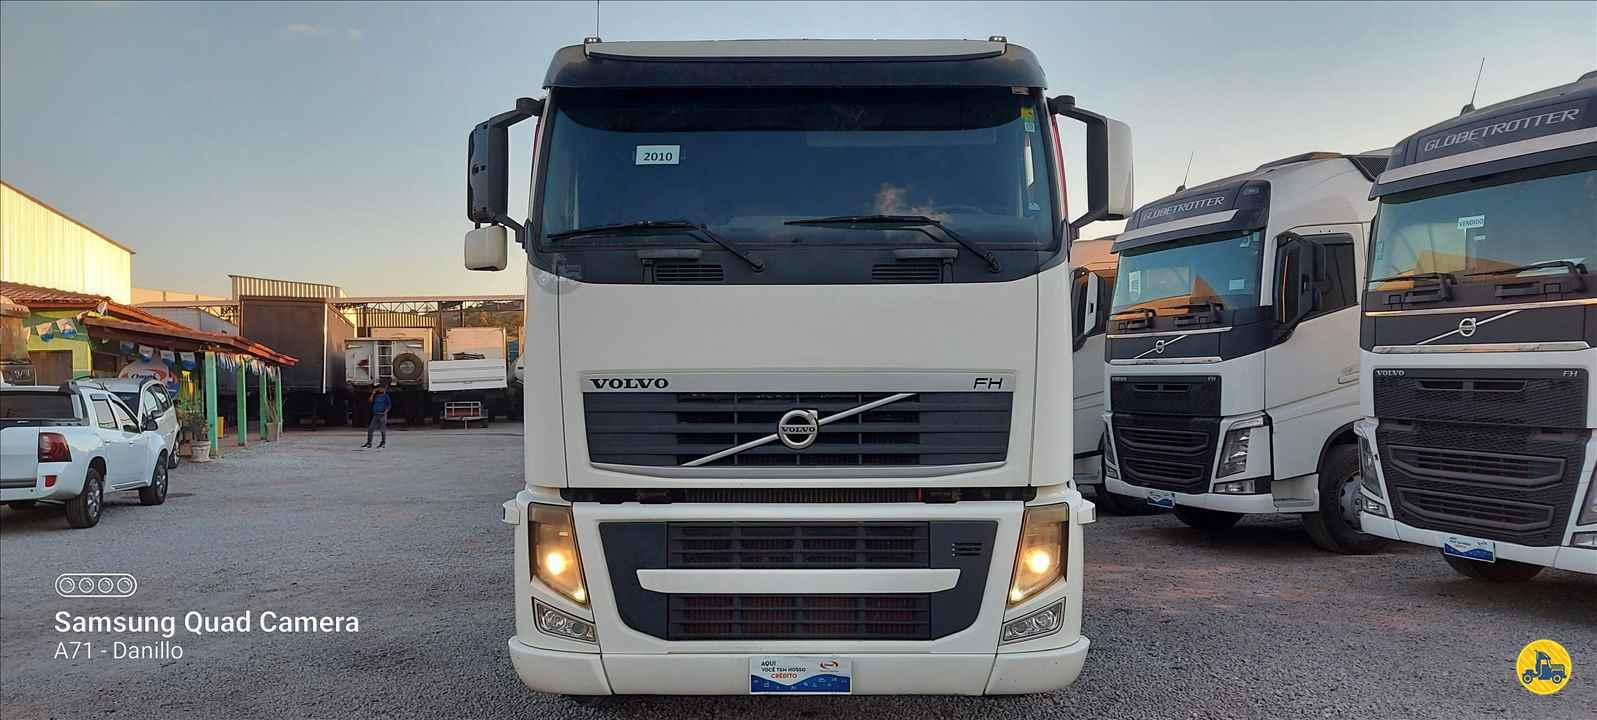 CAMINHAO VOLVO VOLVO FH 440 Cavalo Mecânico Truck 6x2 13 de Maio Caminhões BETIM MINAS GERAIS MG